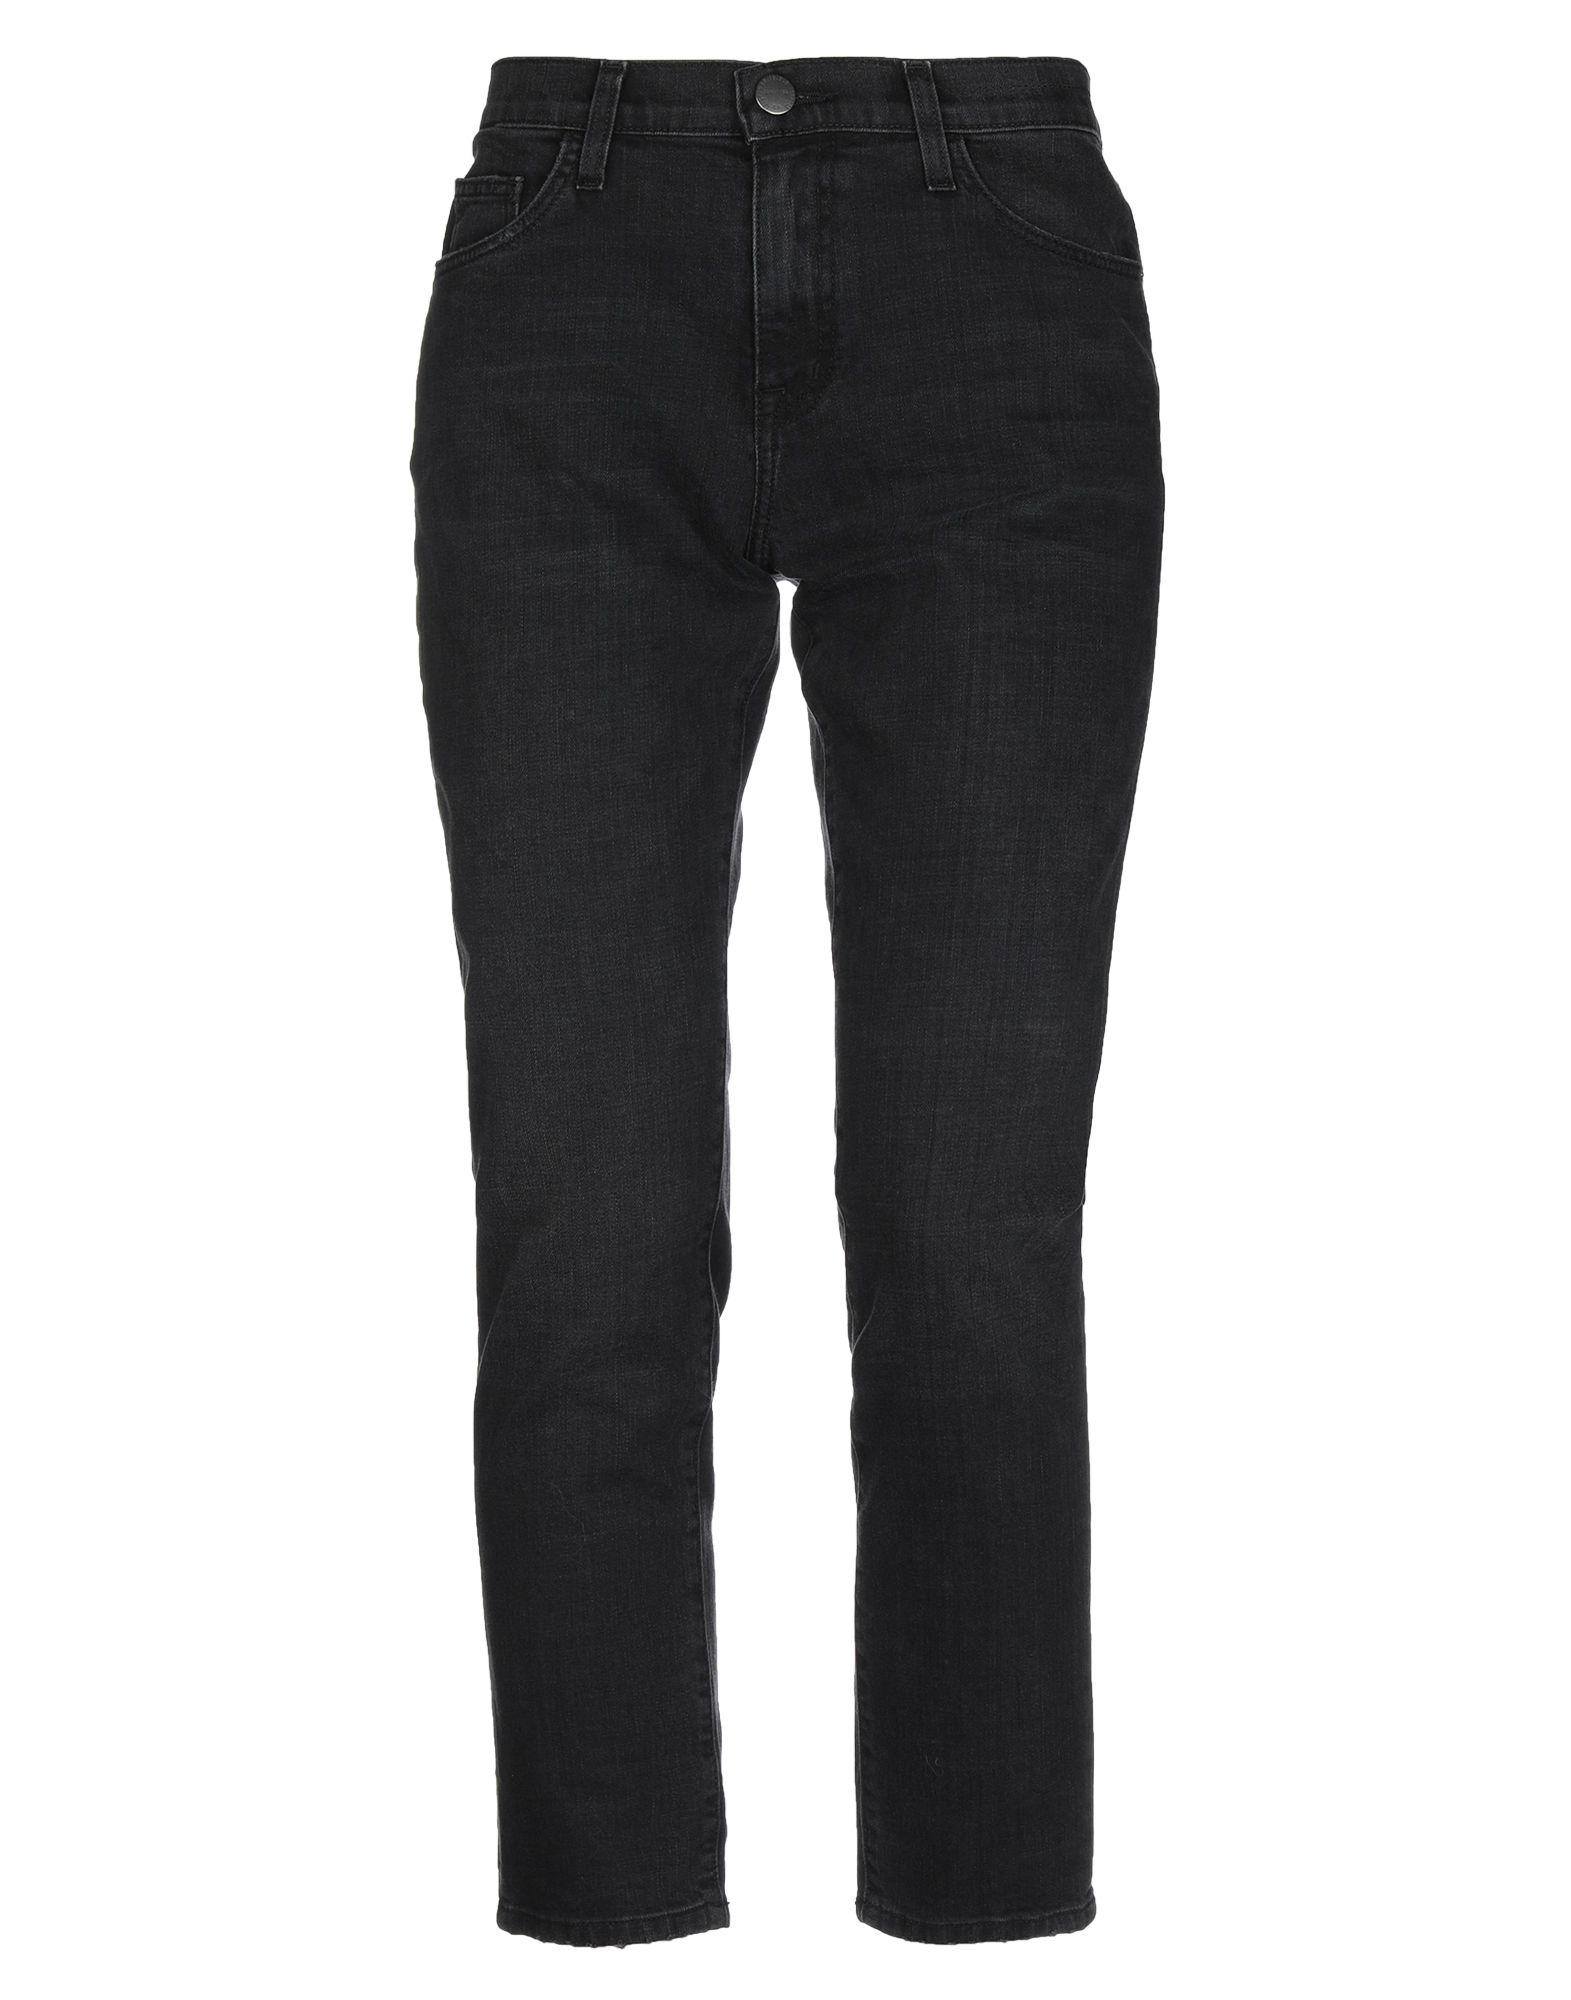 CURRENT/ELLIOTT Denim pants - Item 42801697